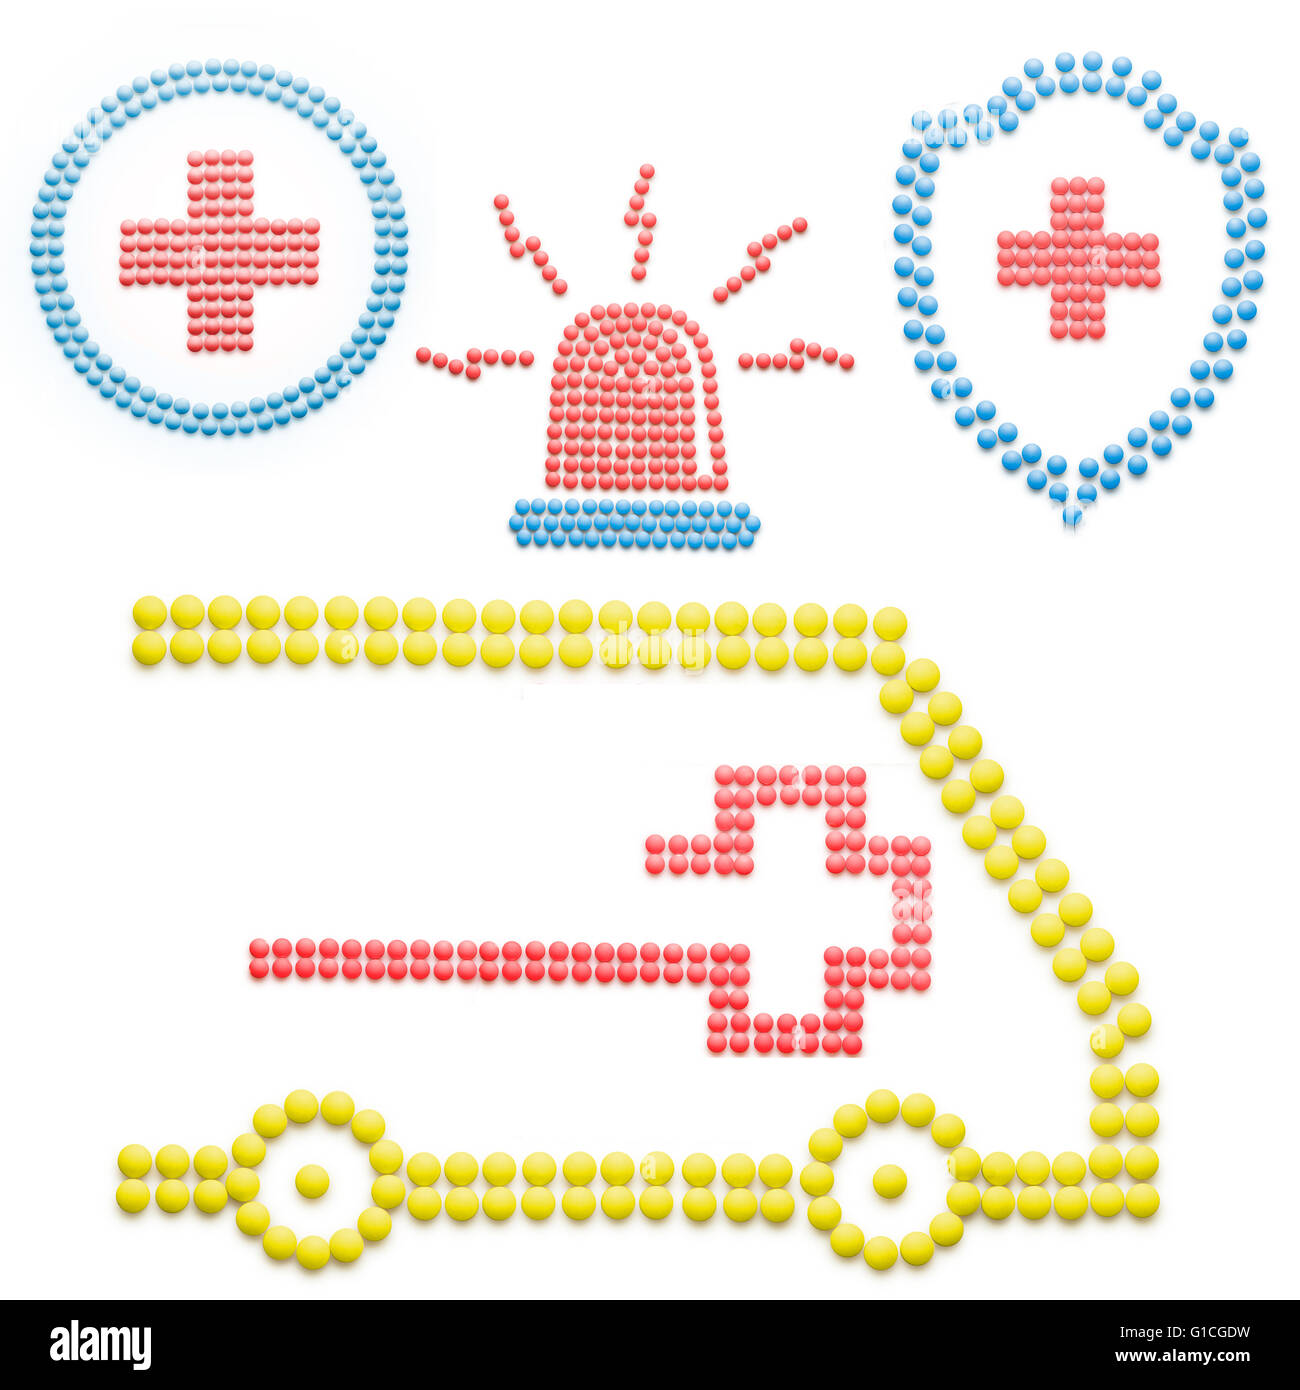 Medicina y atención sanitaria creativo concepto de medicamentos y píldoras, ambulancia de emergencia con Imagen De Stock